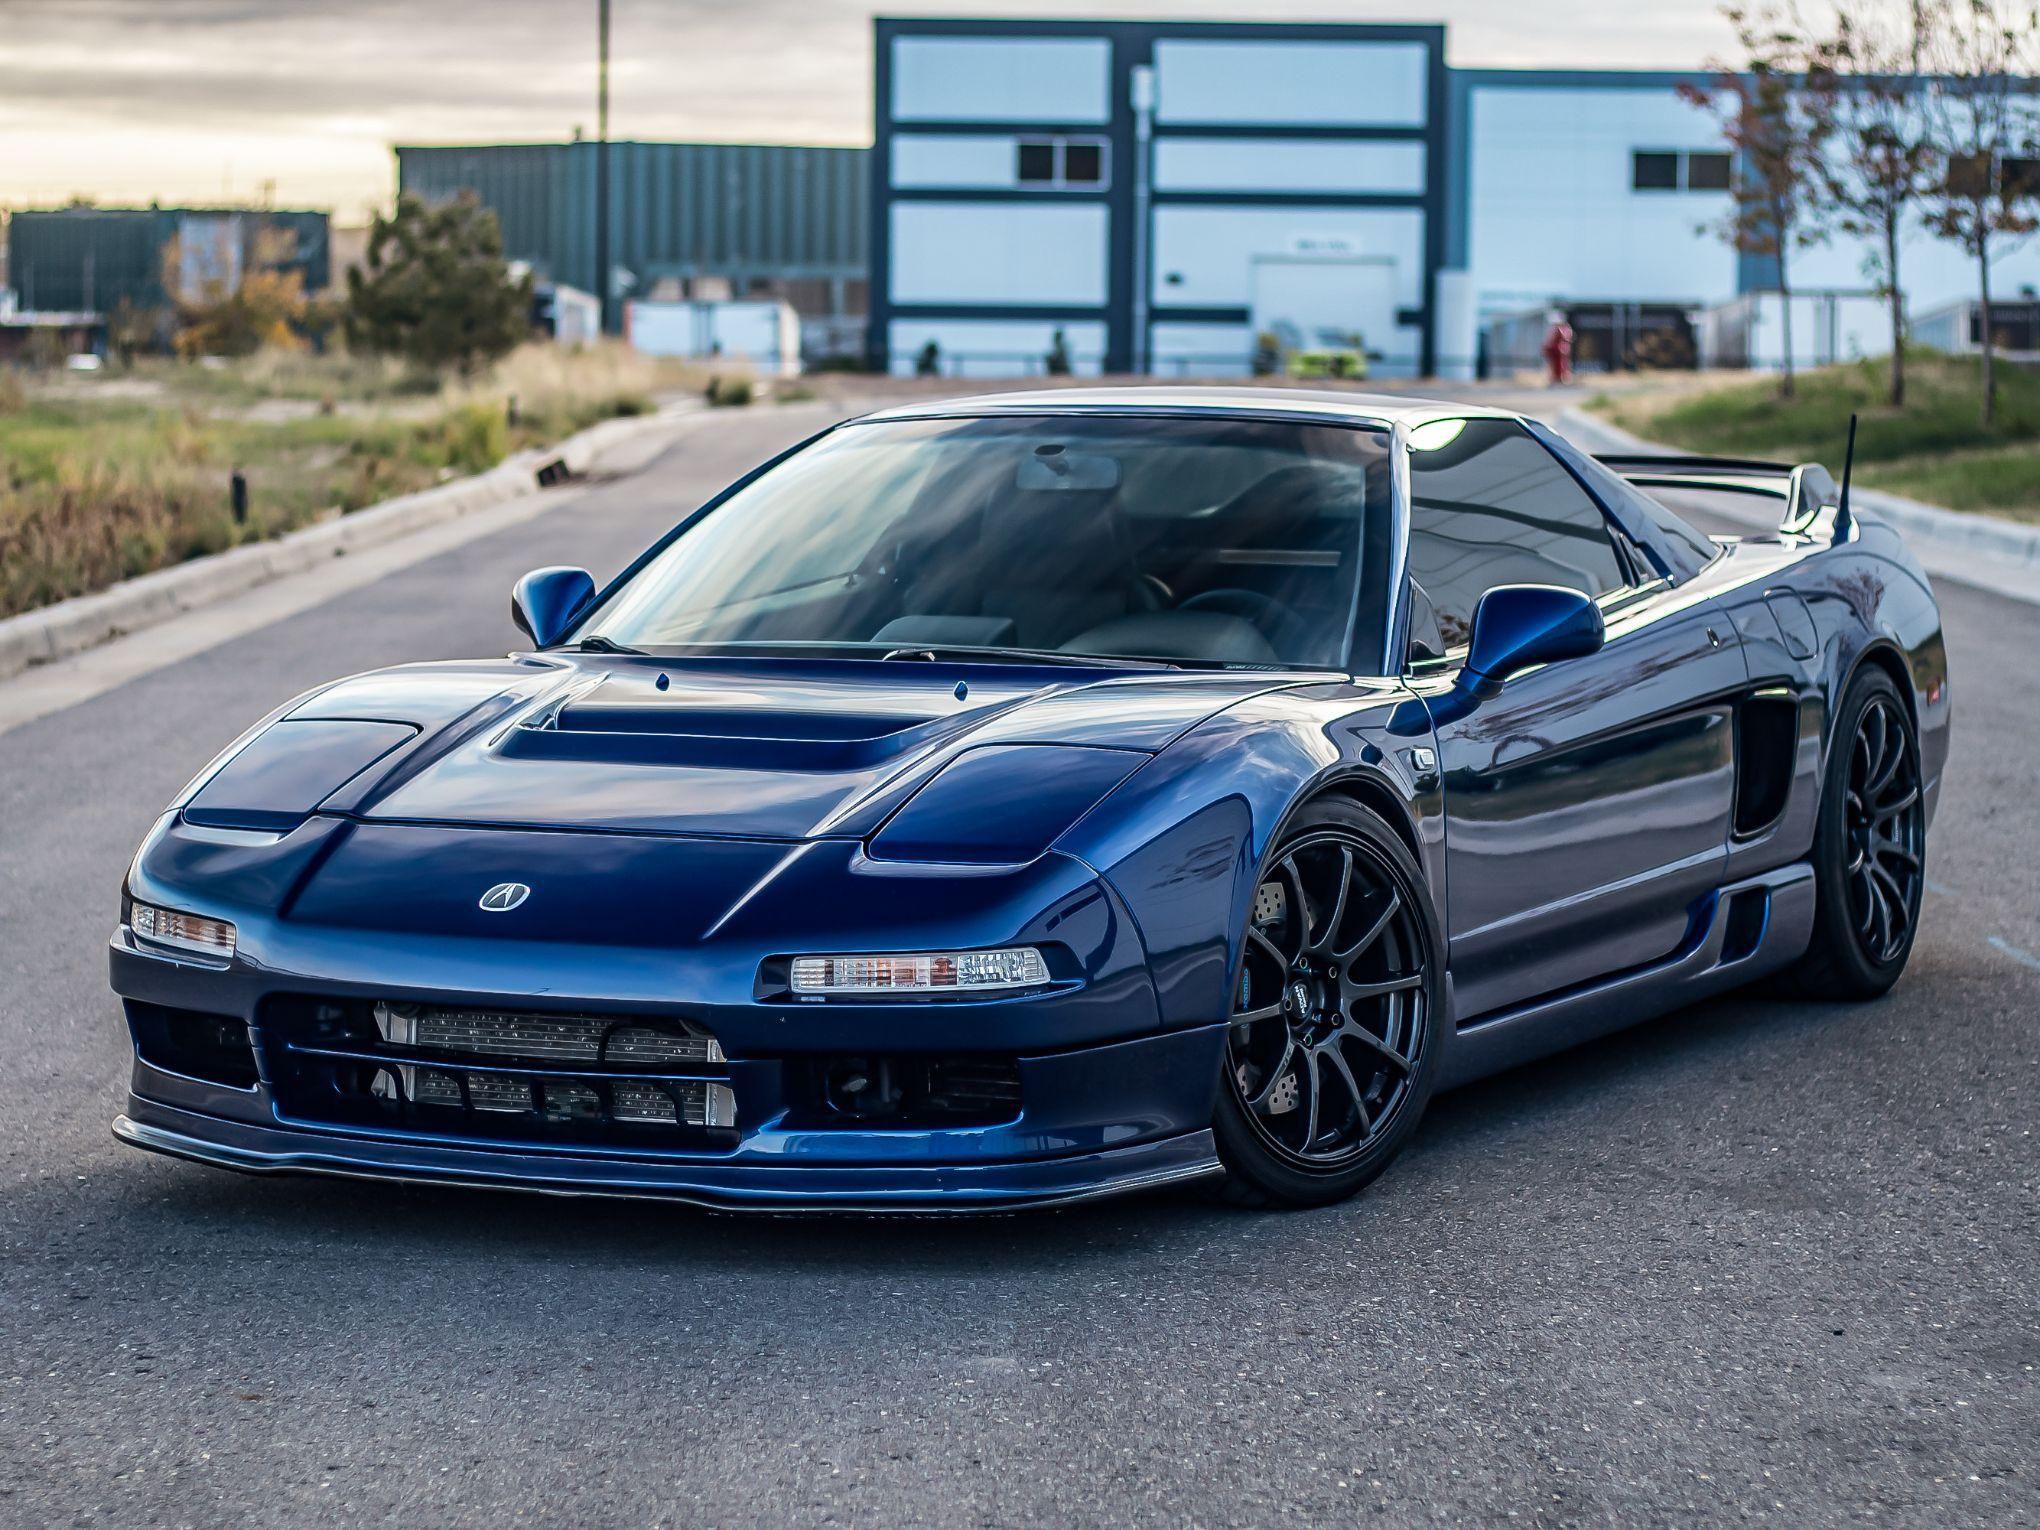 1998 Acura NSX-T Turbo Monte Carlo Blue